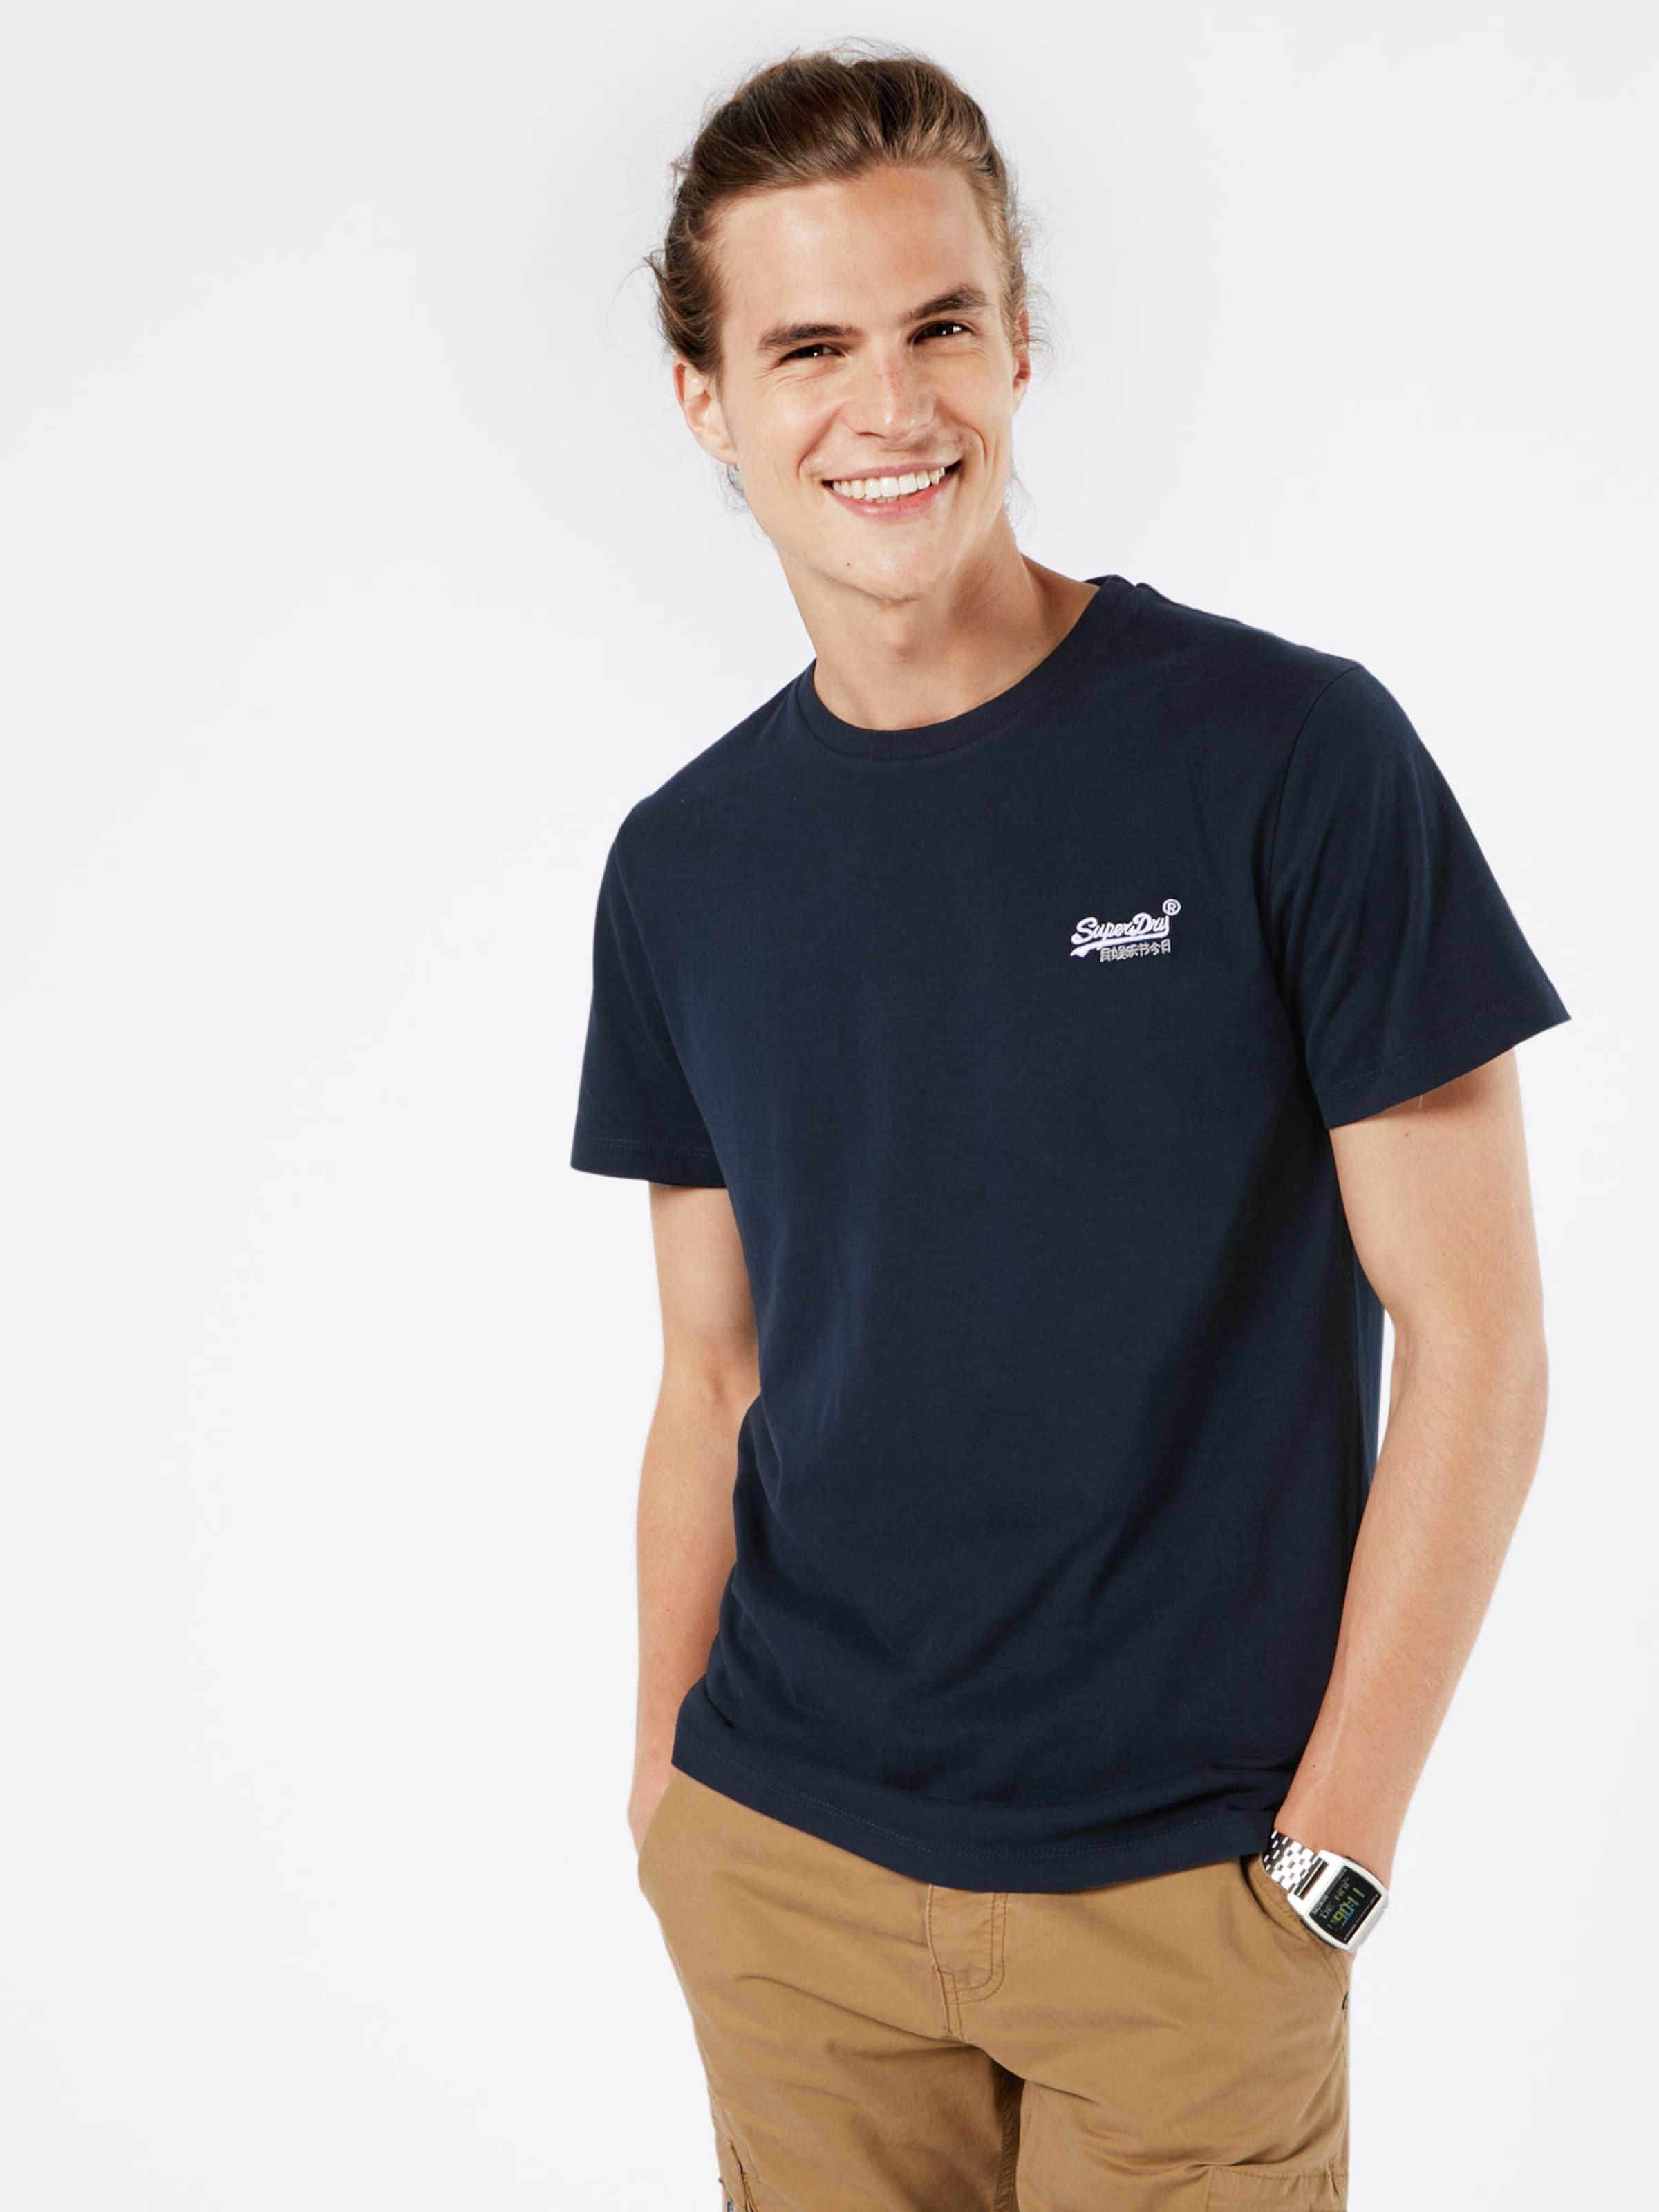 Superdry T-Shirt 'ORANGE LABEL VINTAGE EMB TEE' Spielraum Shop Günstig Online J0xGYwp0j